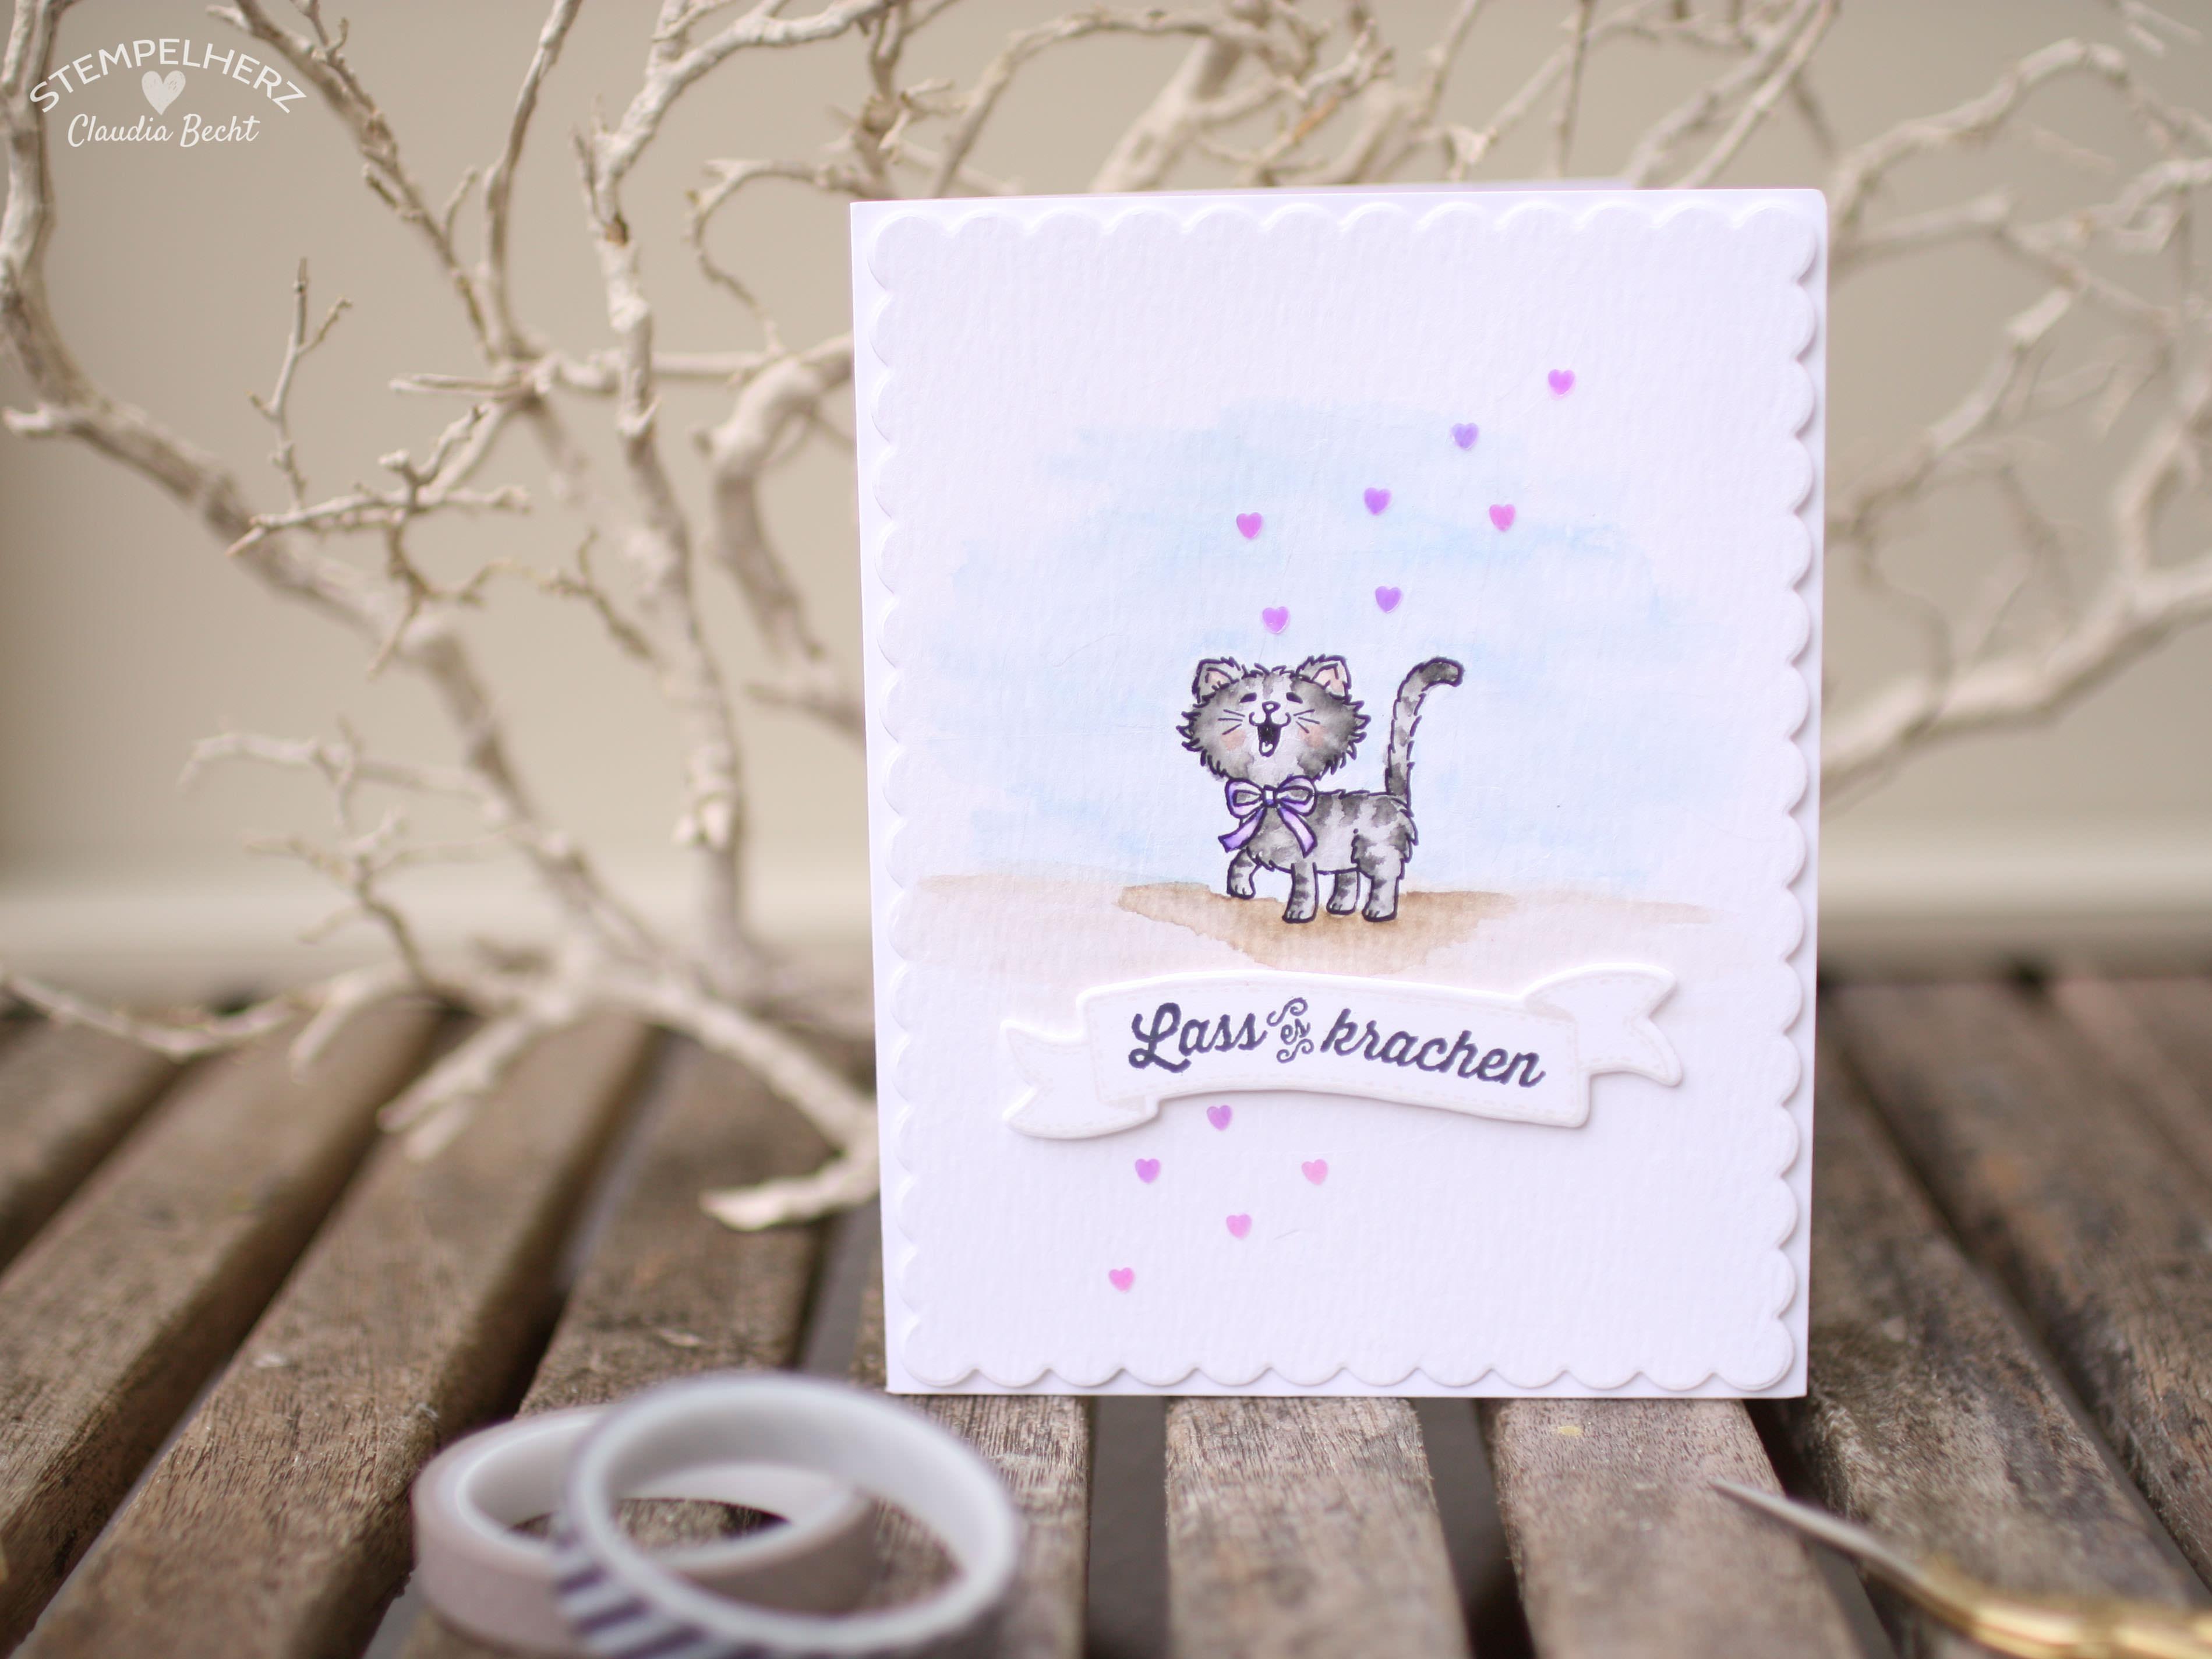 Geburtstagskarte lass es krachen stampin 39 up mit stempelherz for Pinterest geburtstagskarte